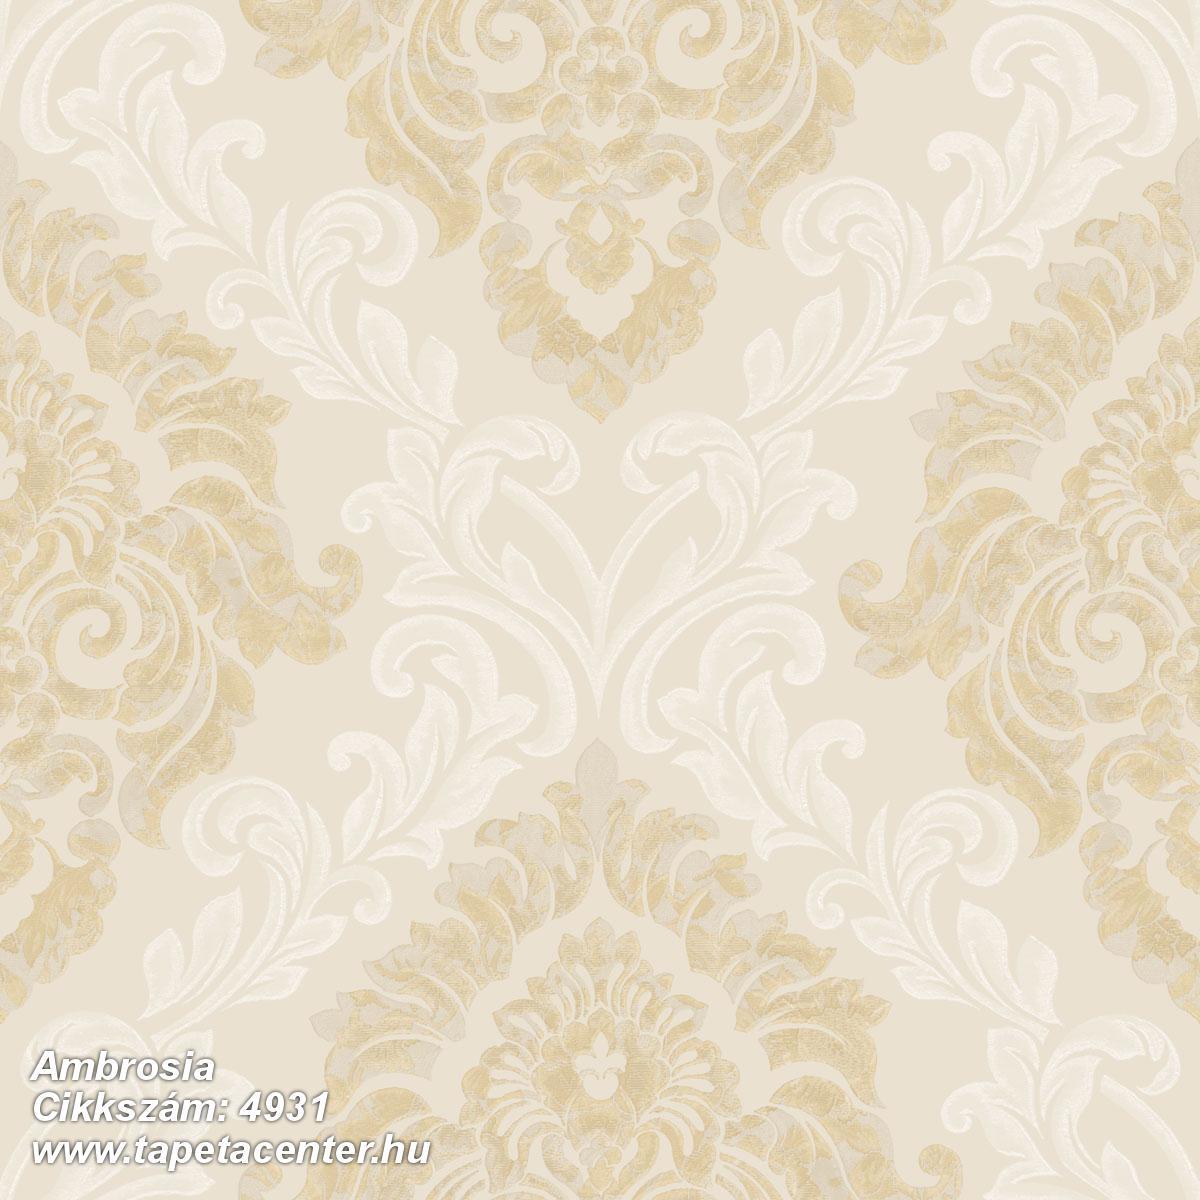 Barokk-klasszikus,különleges motívumos,textil hatású,arany,bézs-drapp,súrolható,vlies tapéta